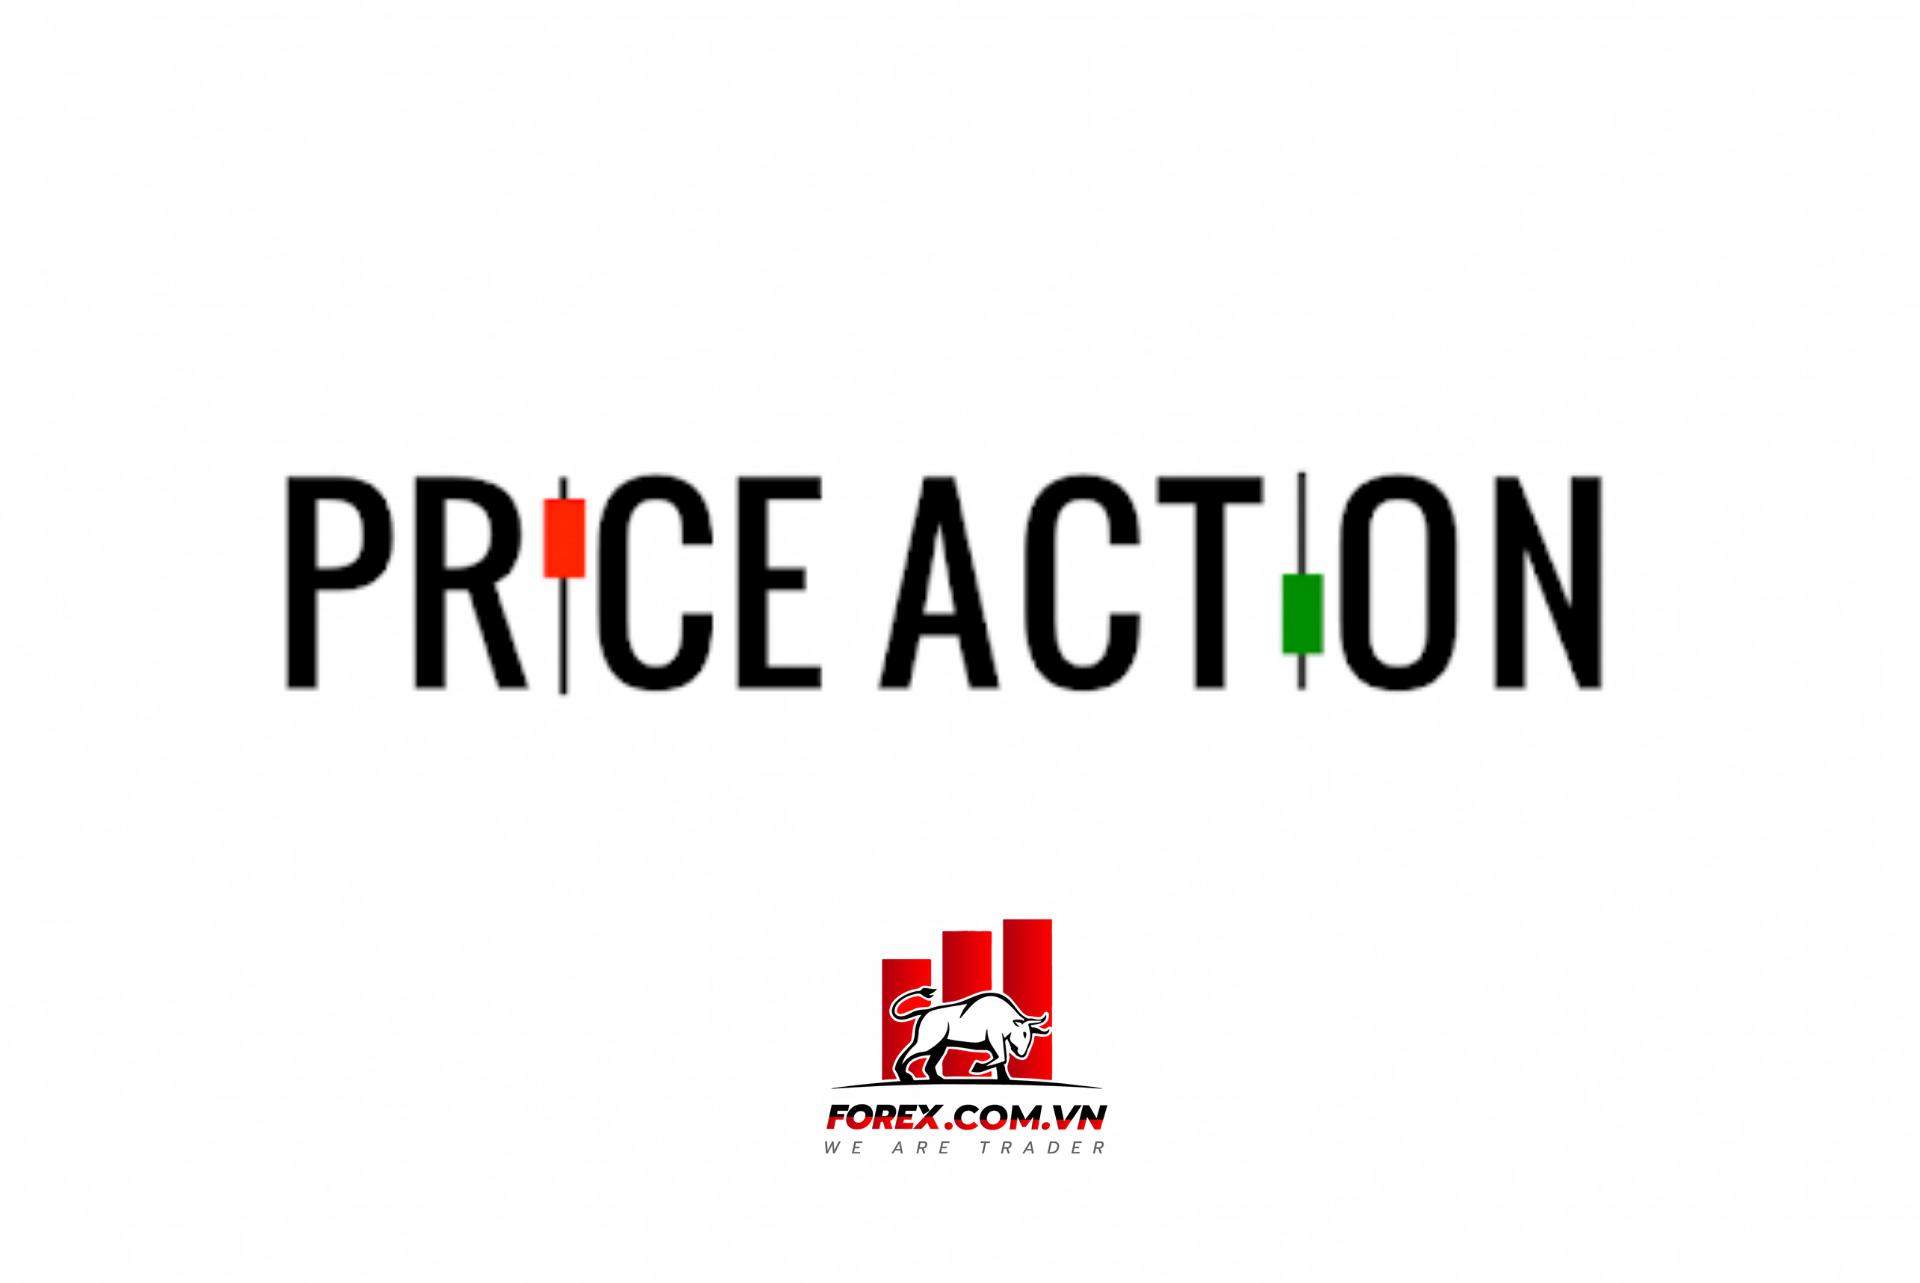 Phương pháp Price action là gì?